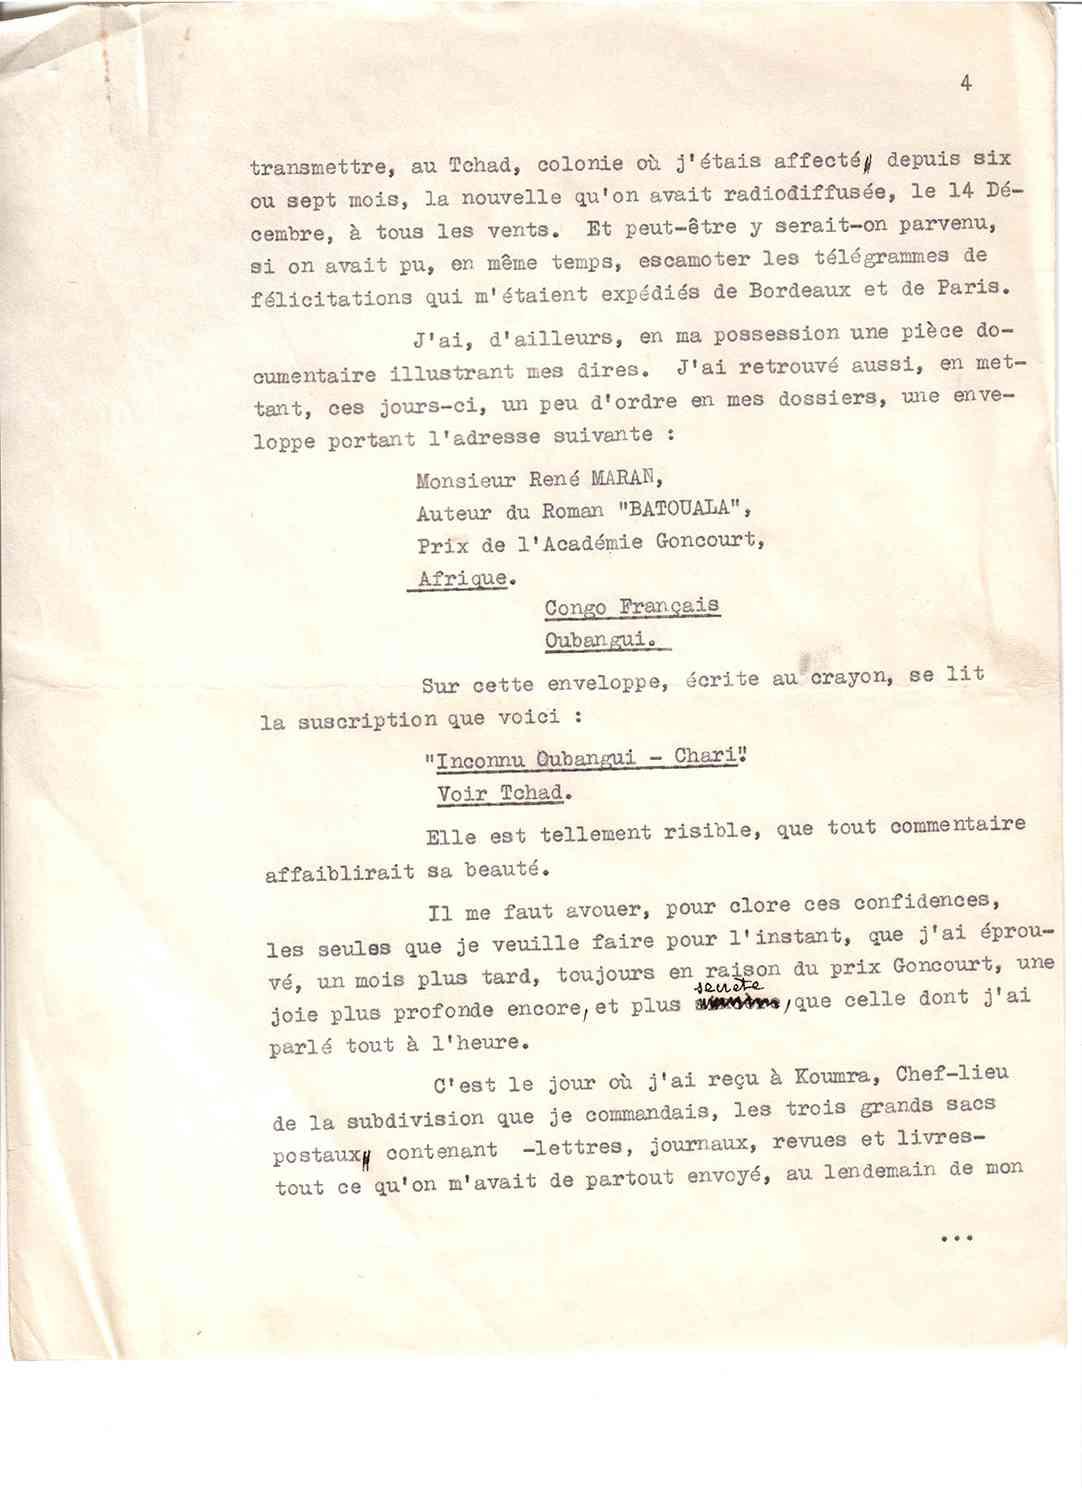 Causerie Page 4, René Maran